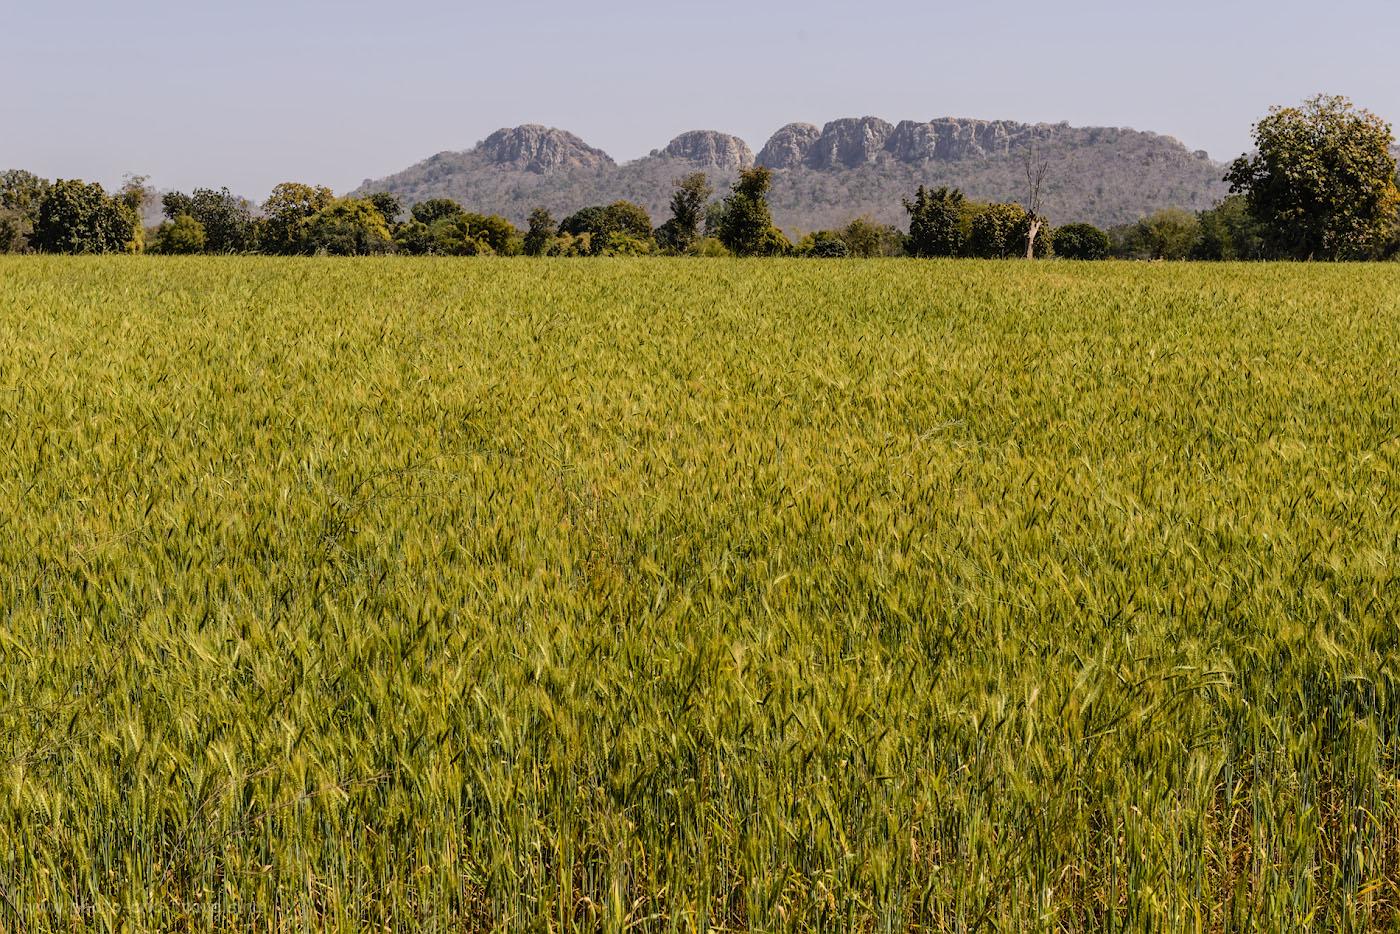 Фотография 21. Пшеничные поля и холм Dantla Hill в окрестностях Кхаджурахо. Именно к нему мы отправились на велосипедах. 1/250, 9.0, 100, 55.